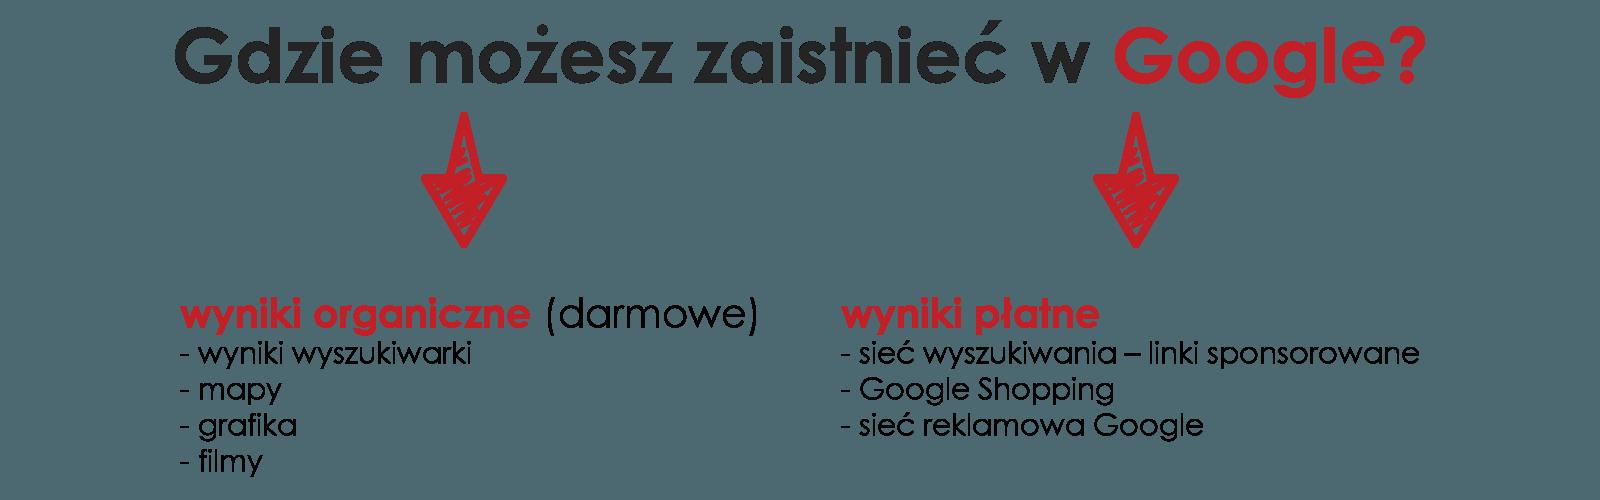 gdzie możesz zaistnieć w Google